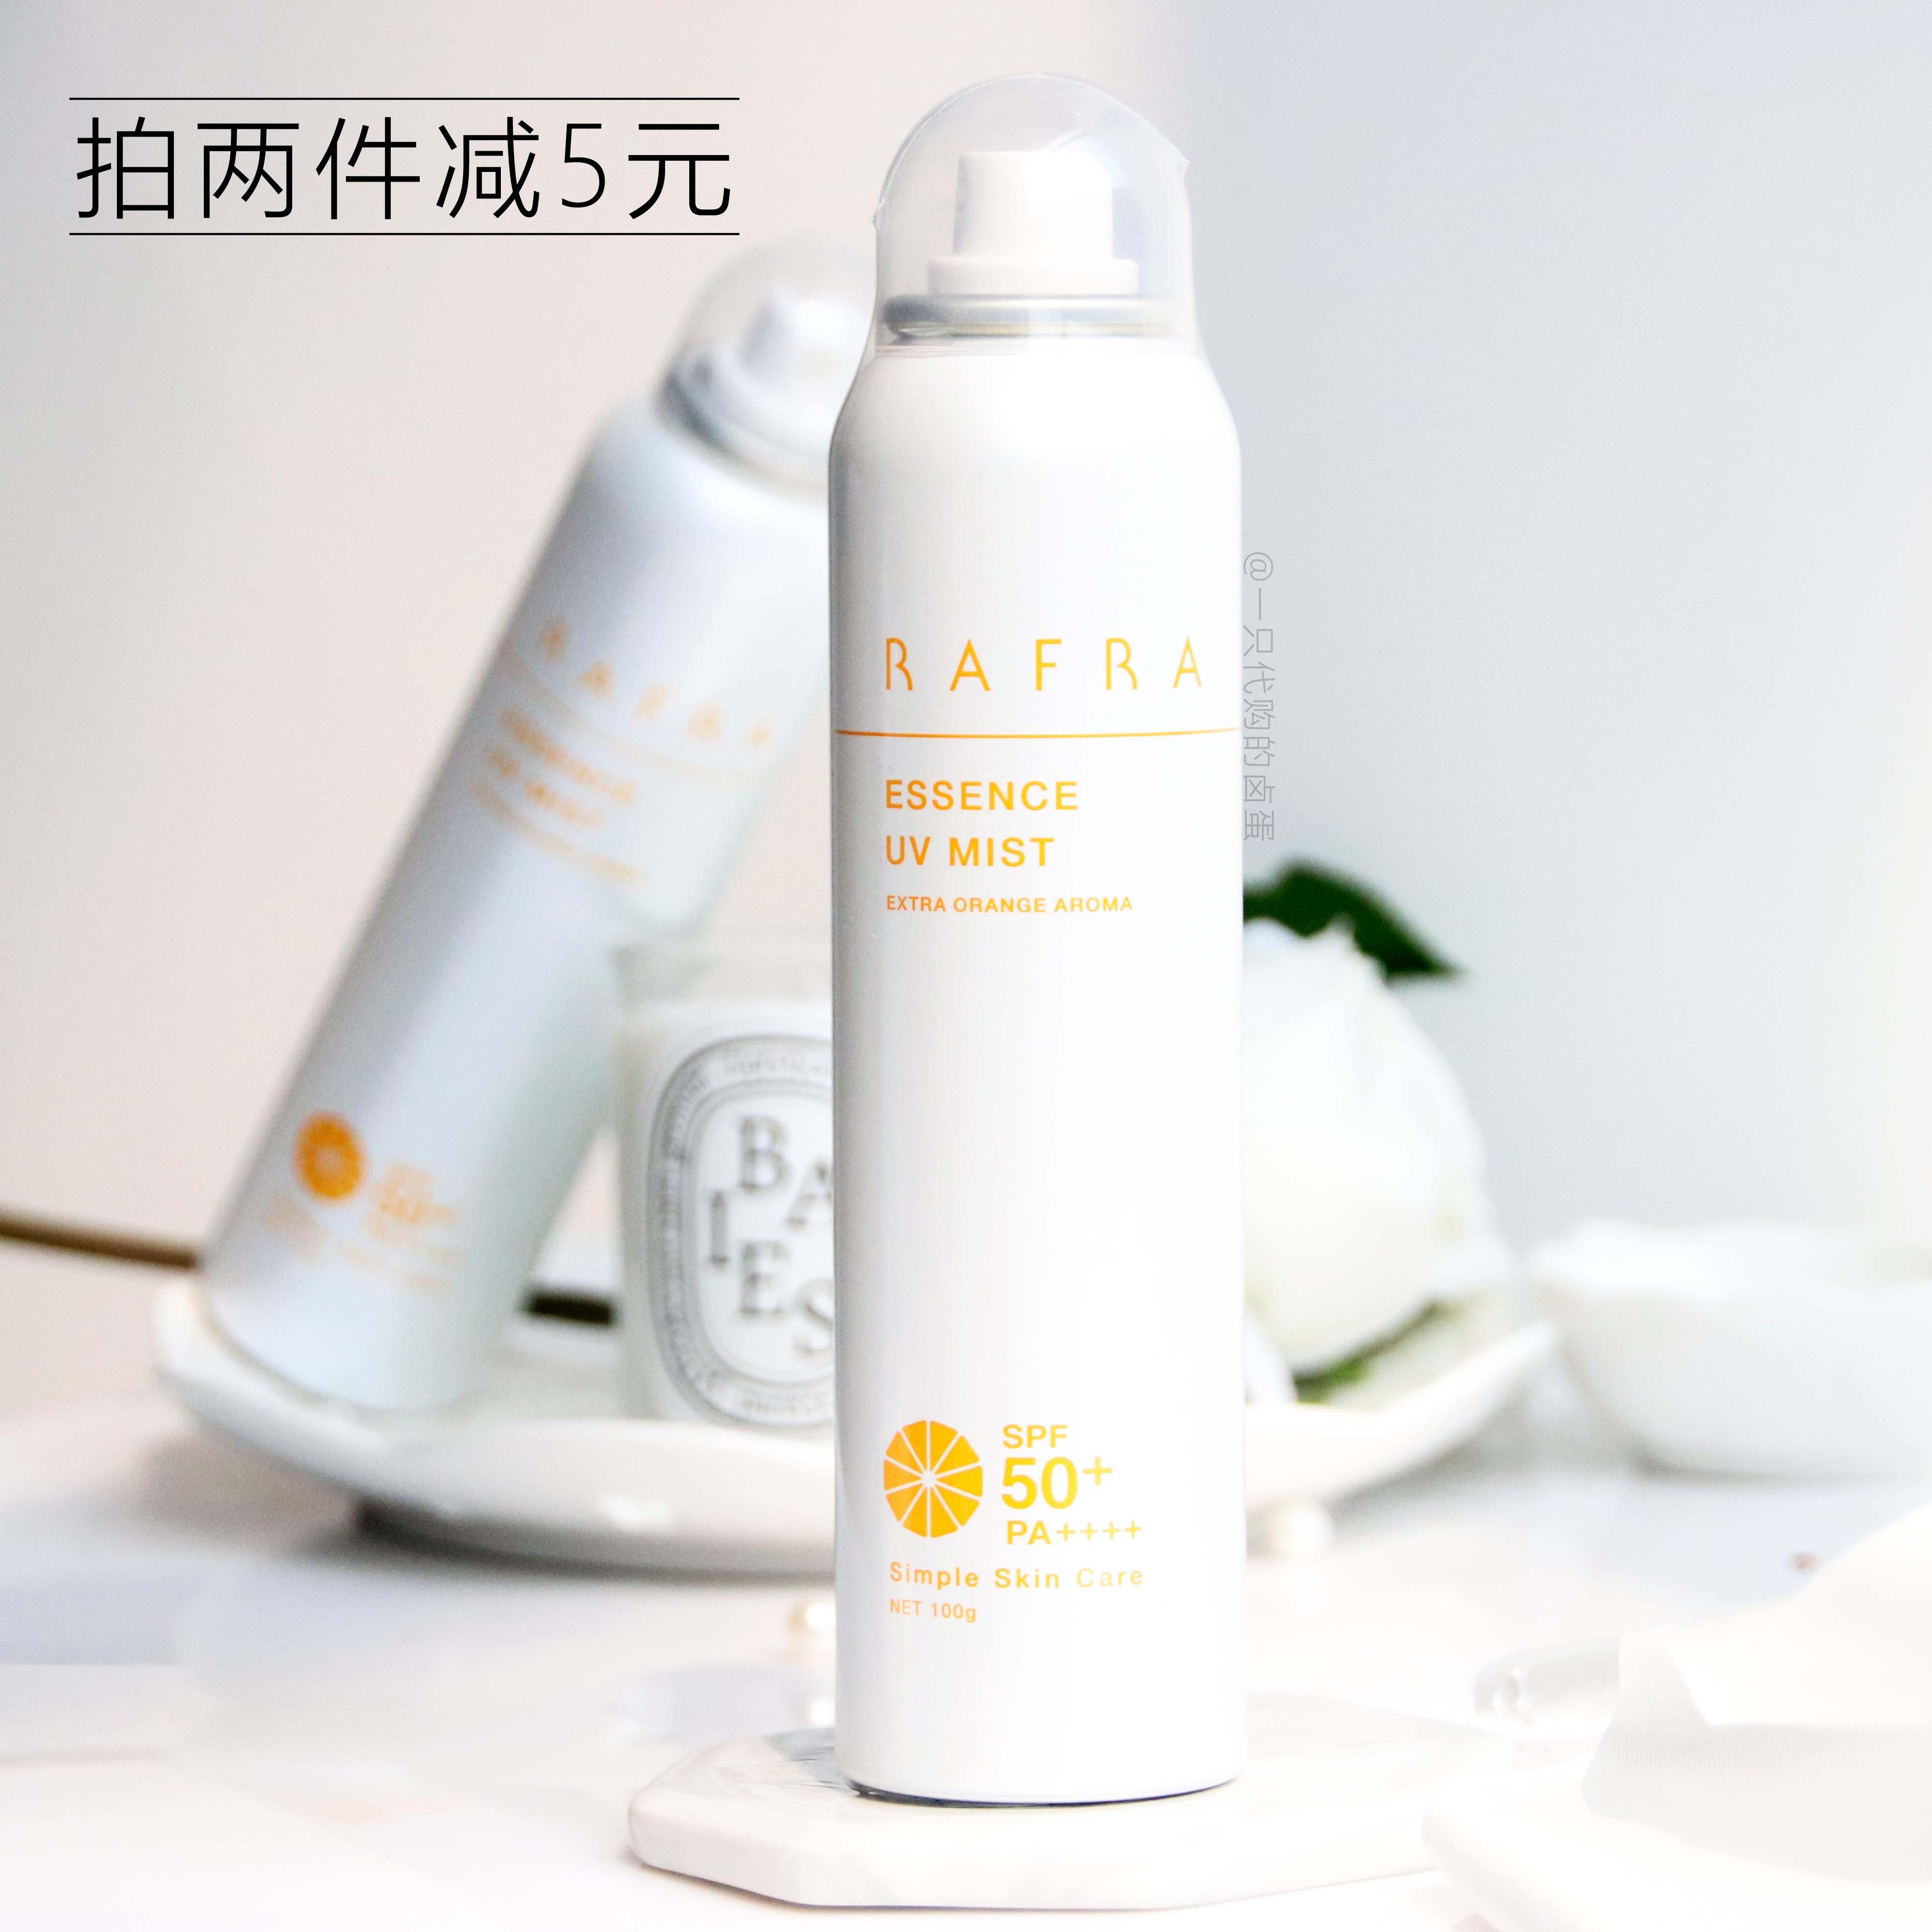 Оранжевый вкус из солнцезащитный крем спрей ! япония RAFRA солнцезащитный крем спрей 100g поверхность модель доступный изоляция ультрафиолет